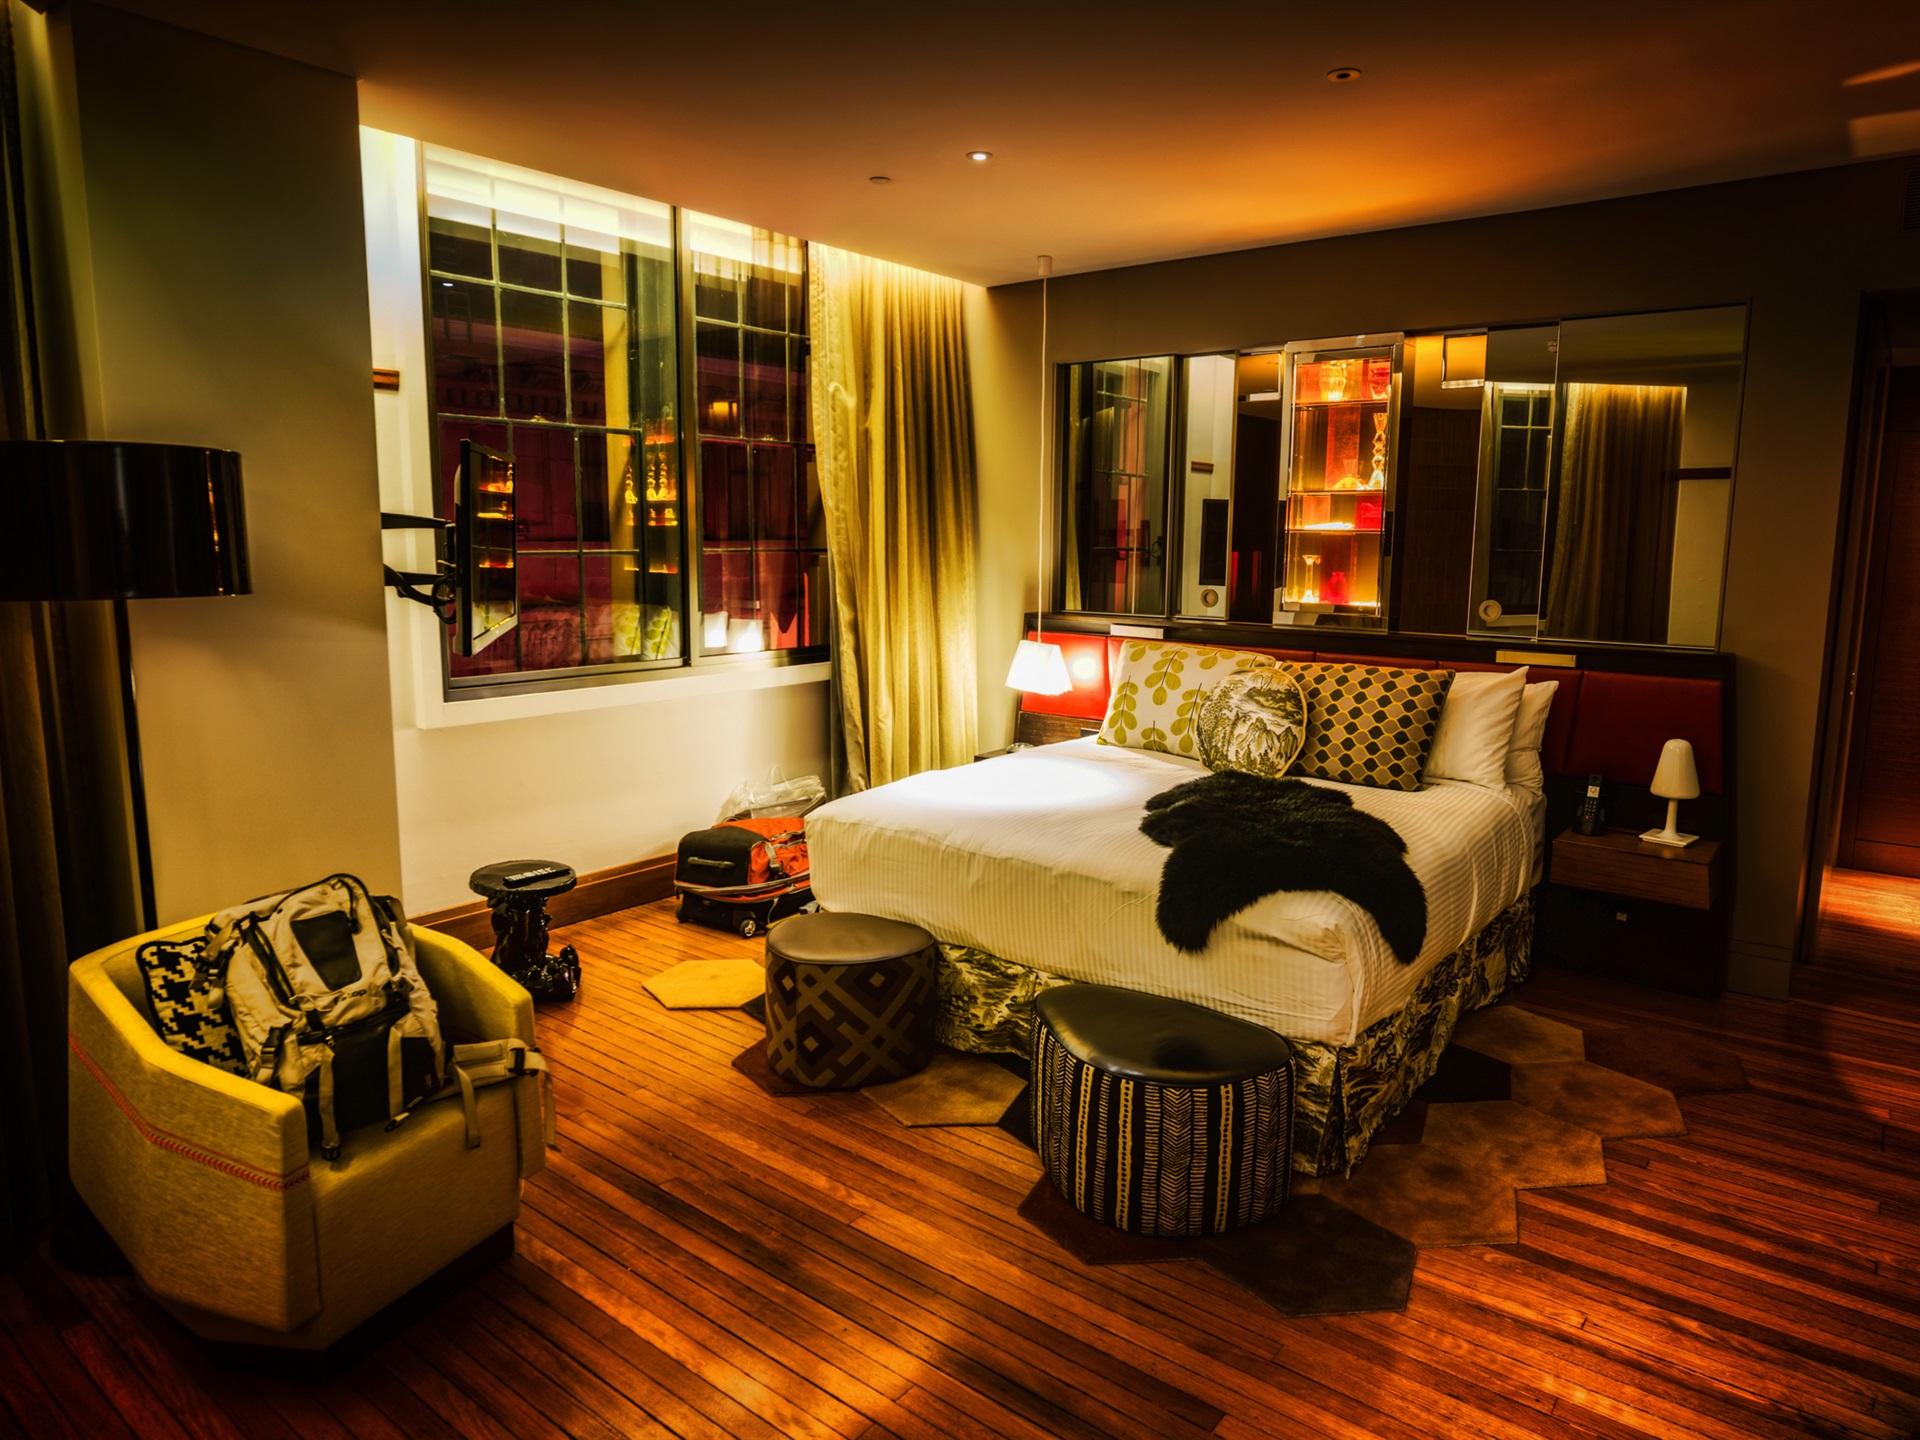 Download wallpaper 1920x1440 interior design bedroom hd for Interior design bedroom hd